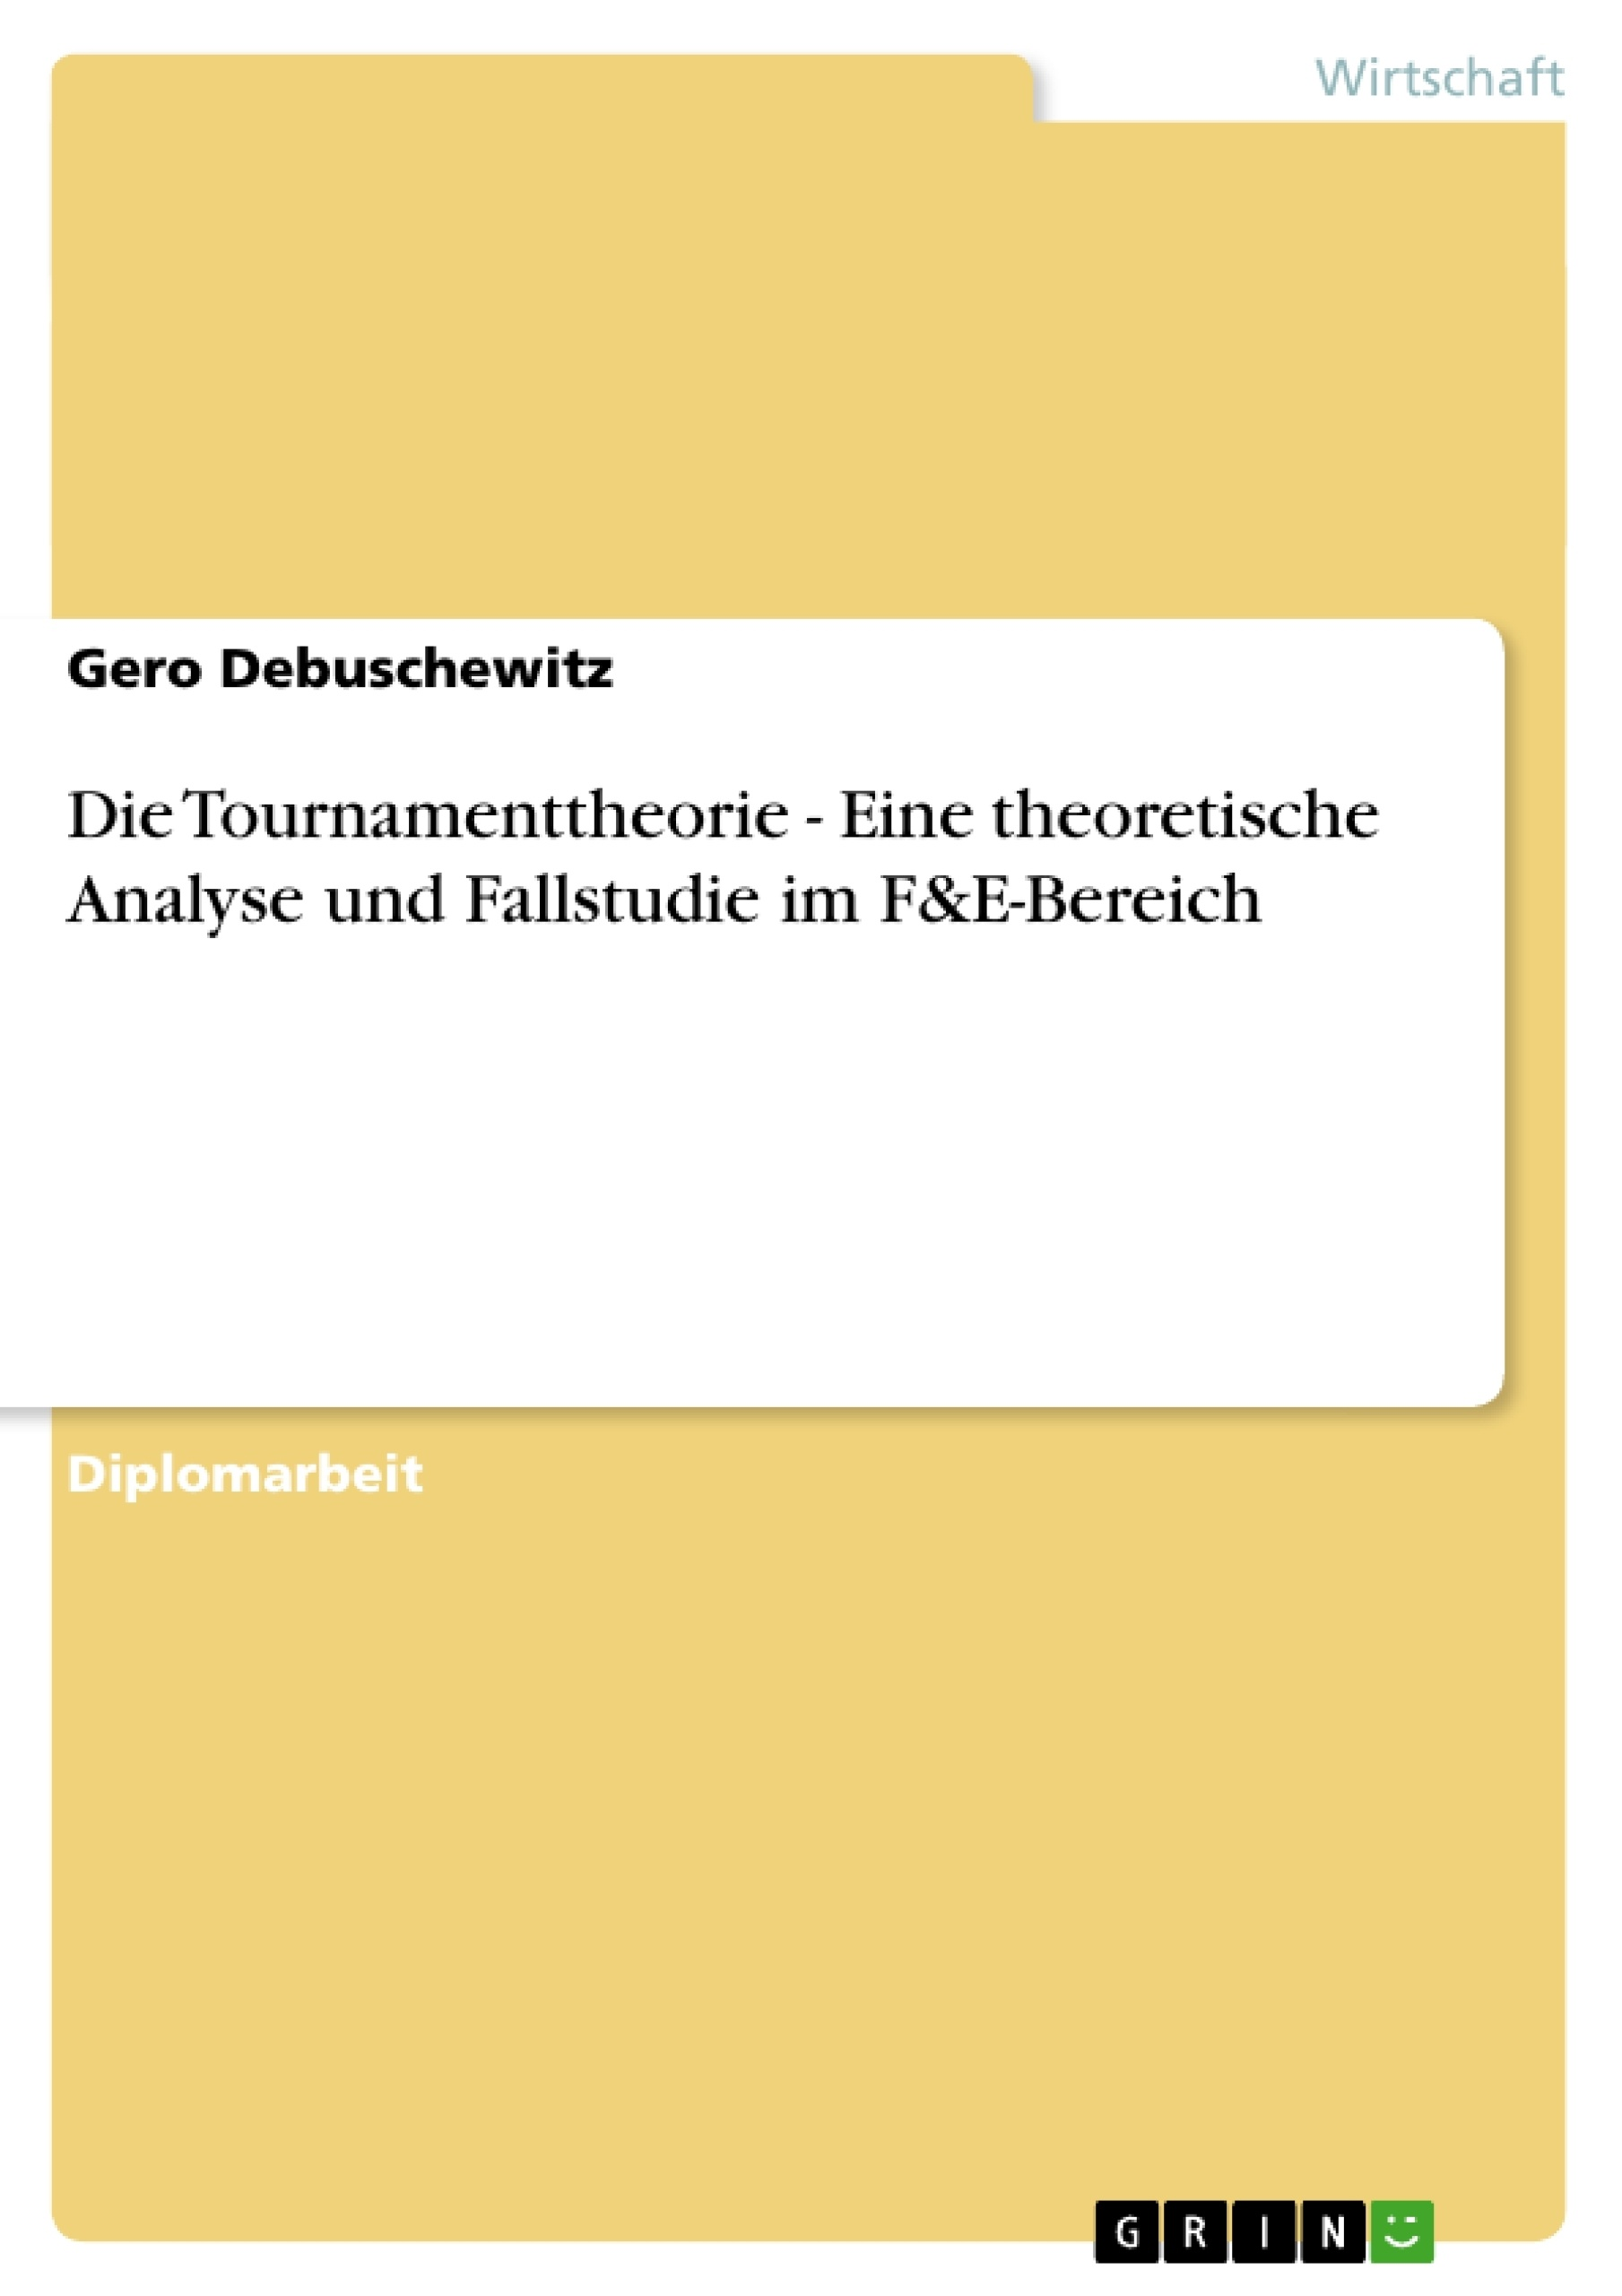 Titel: Die Tournamenttheorie - Eine theoretische Analyse und Fallstudie im F&E-Bereich